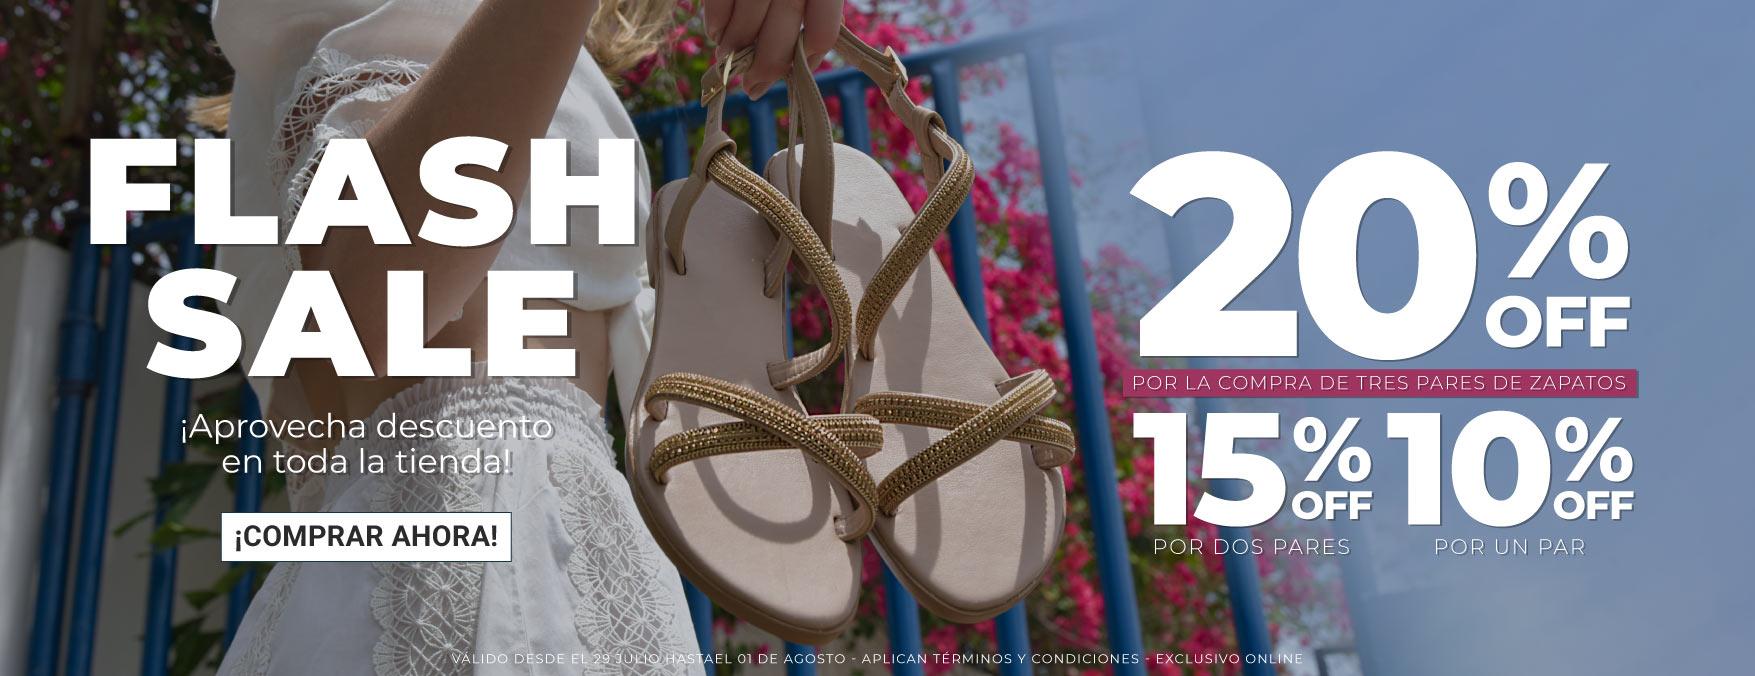 Aprovecha el descuento en calzado para hombre, mujer y niños, el descuento progresivo hasta del 20% OFF a cada tres pares de zapatos colombia que compres.